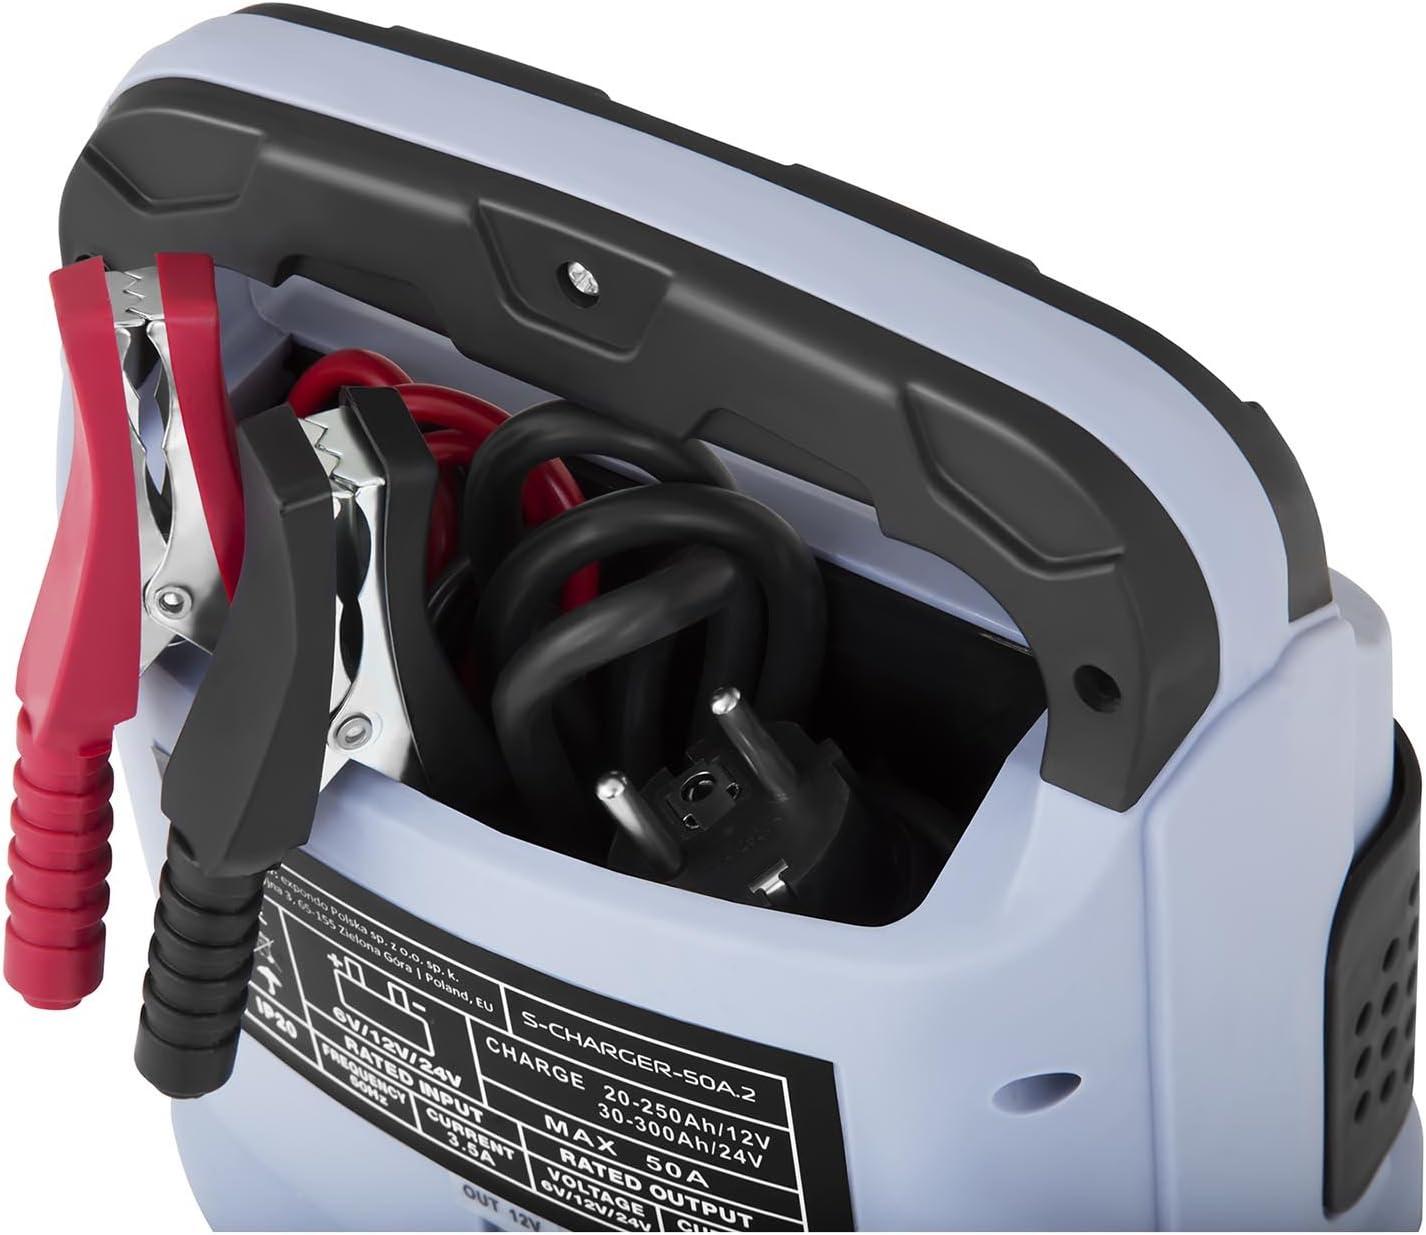 6//12//24 Volts, 15//20 amp/ères, accumulateur au Plomb MSW Chargeur de Batterie Auto Aide au D/émarrage pour la Voiture S-CHARGER-30A